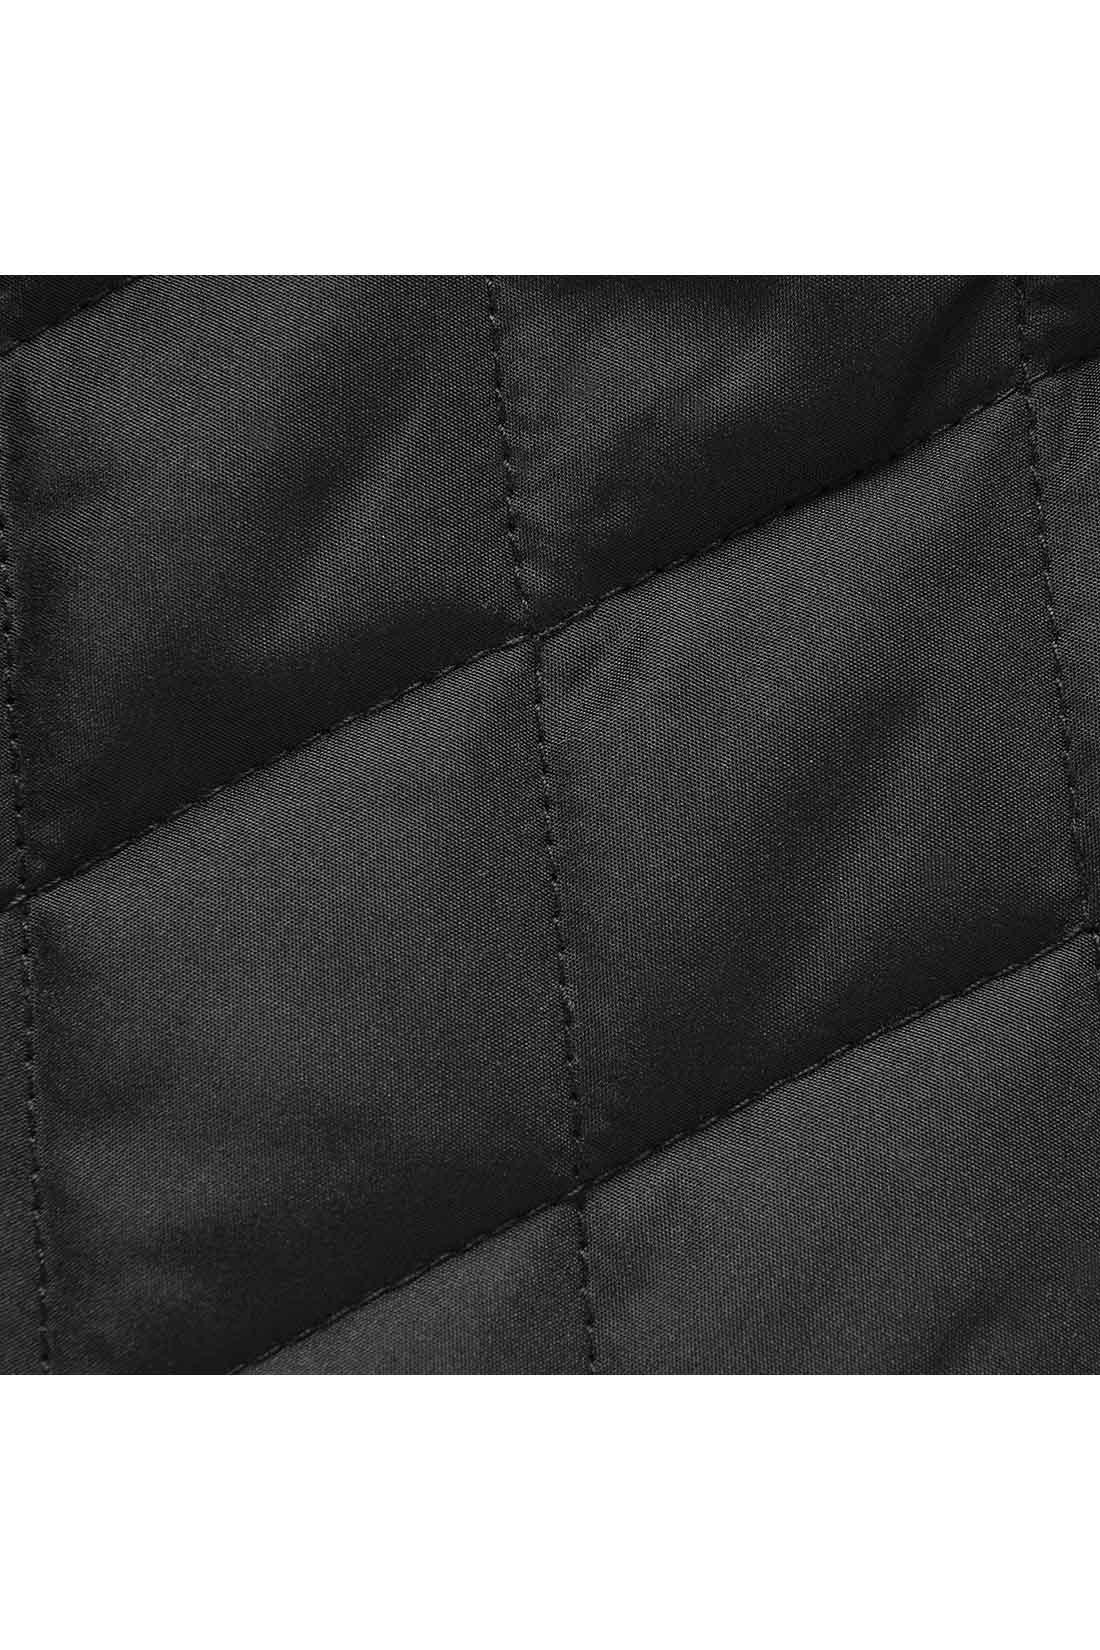 合わせやすく、一枚でも使いやすい引き締めカラーのブラック。キルティングの柄を、やや長めのダイヤ形にしているので、縦長感が強調され細見え効果UP。